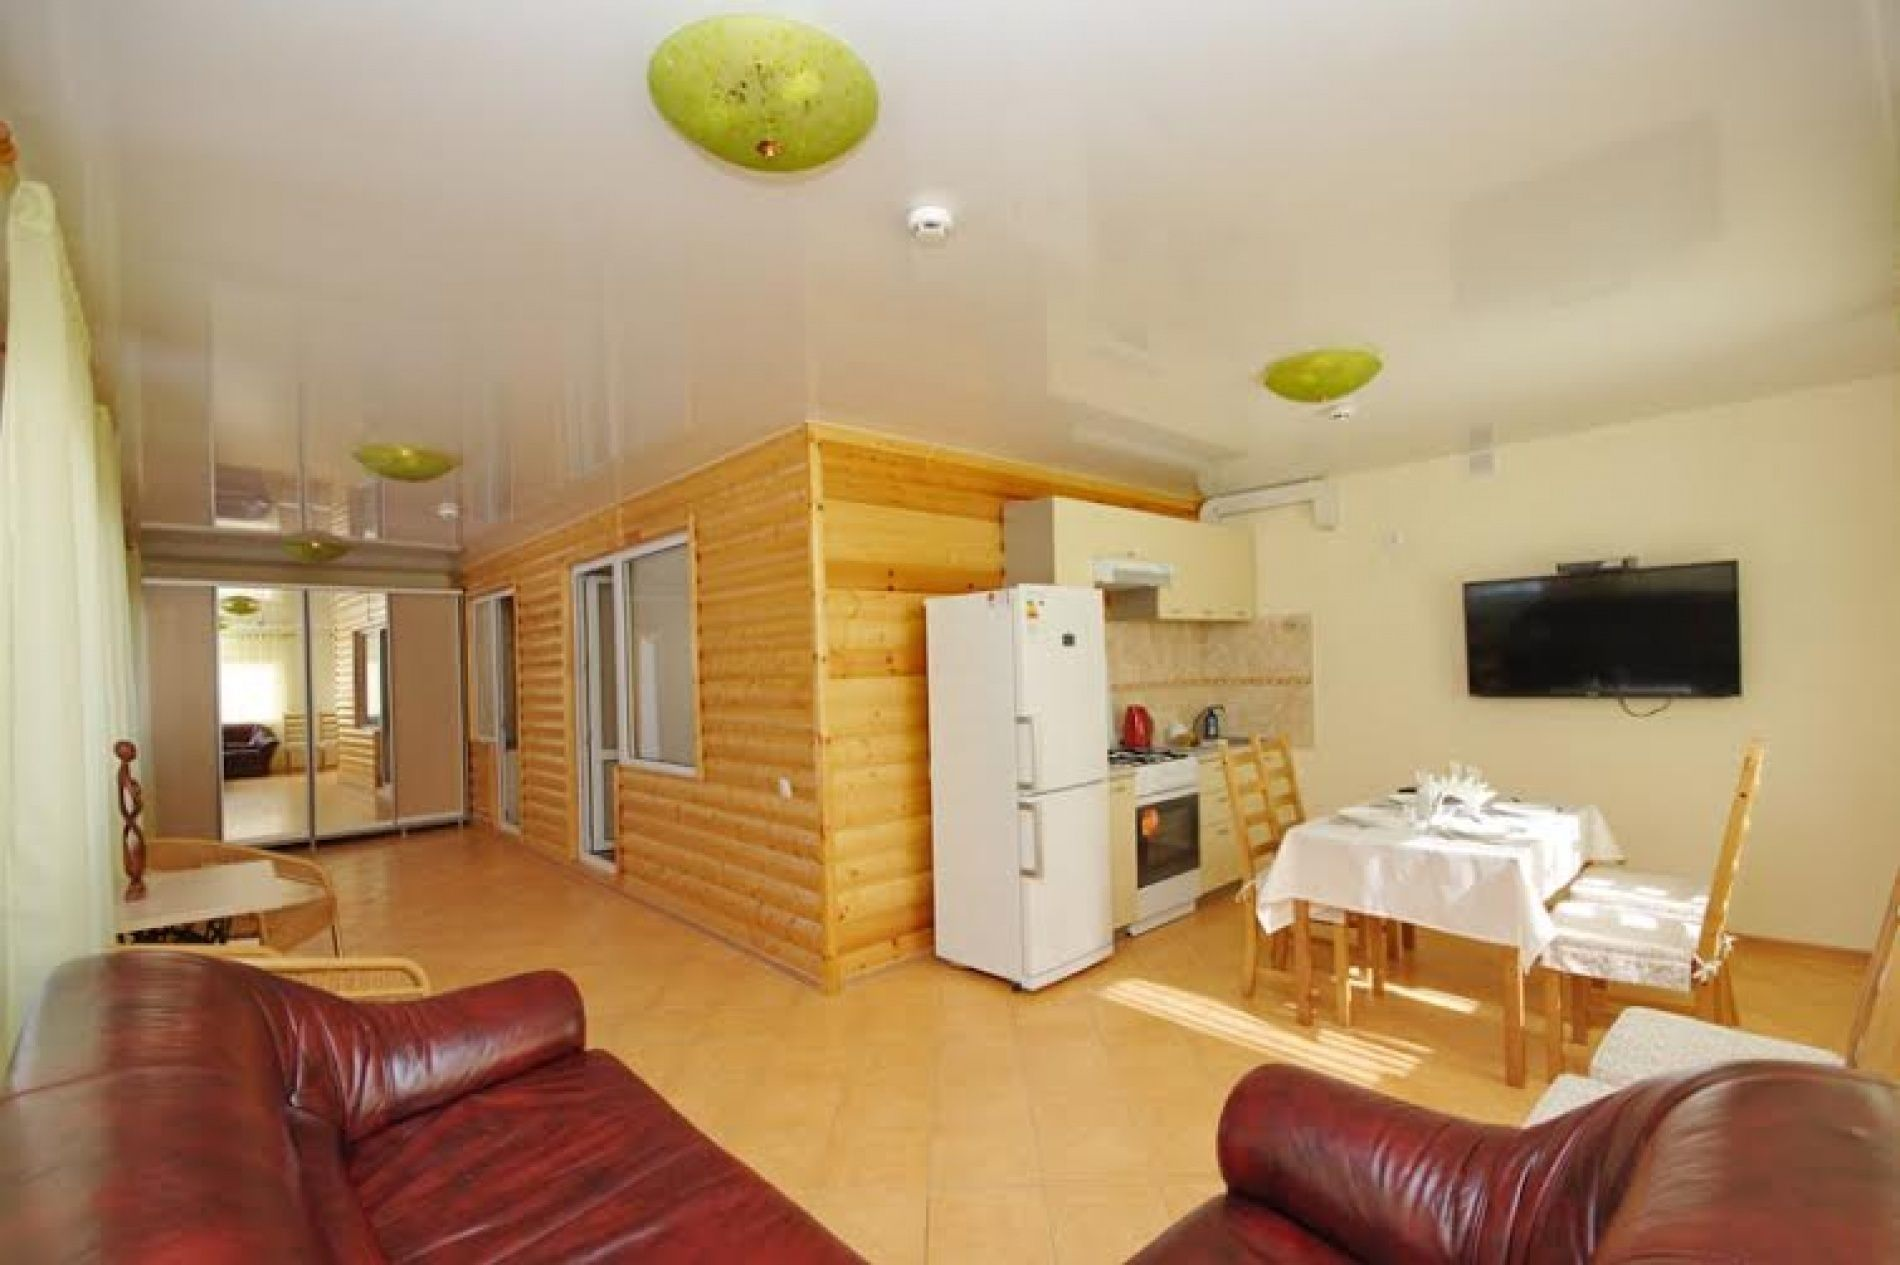 База отдыха «Уютная» Ульяновская область 4-х местный VIP номер, фото 6